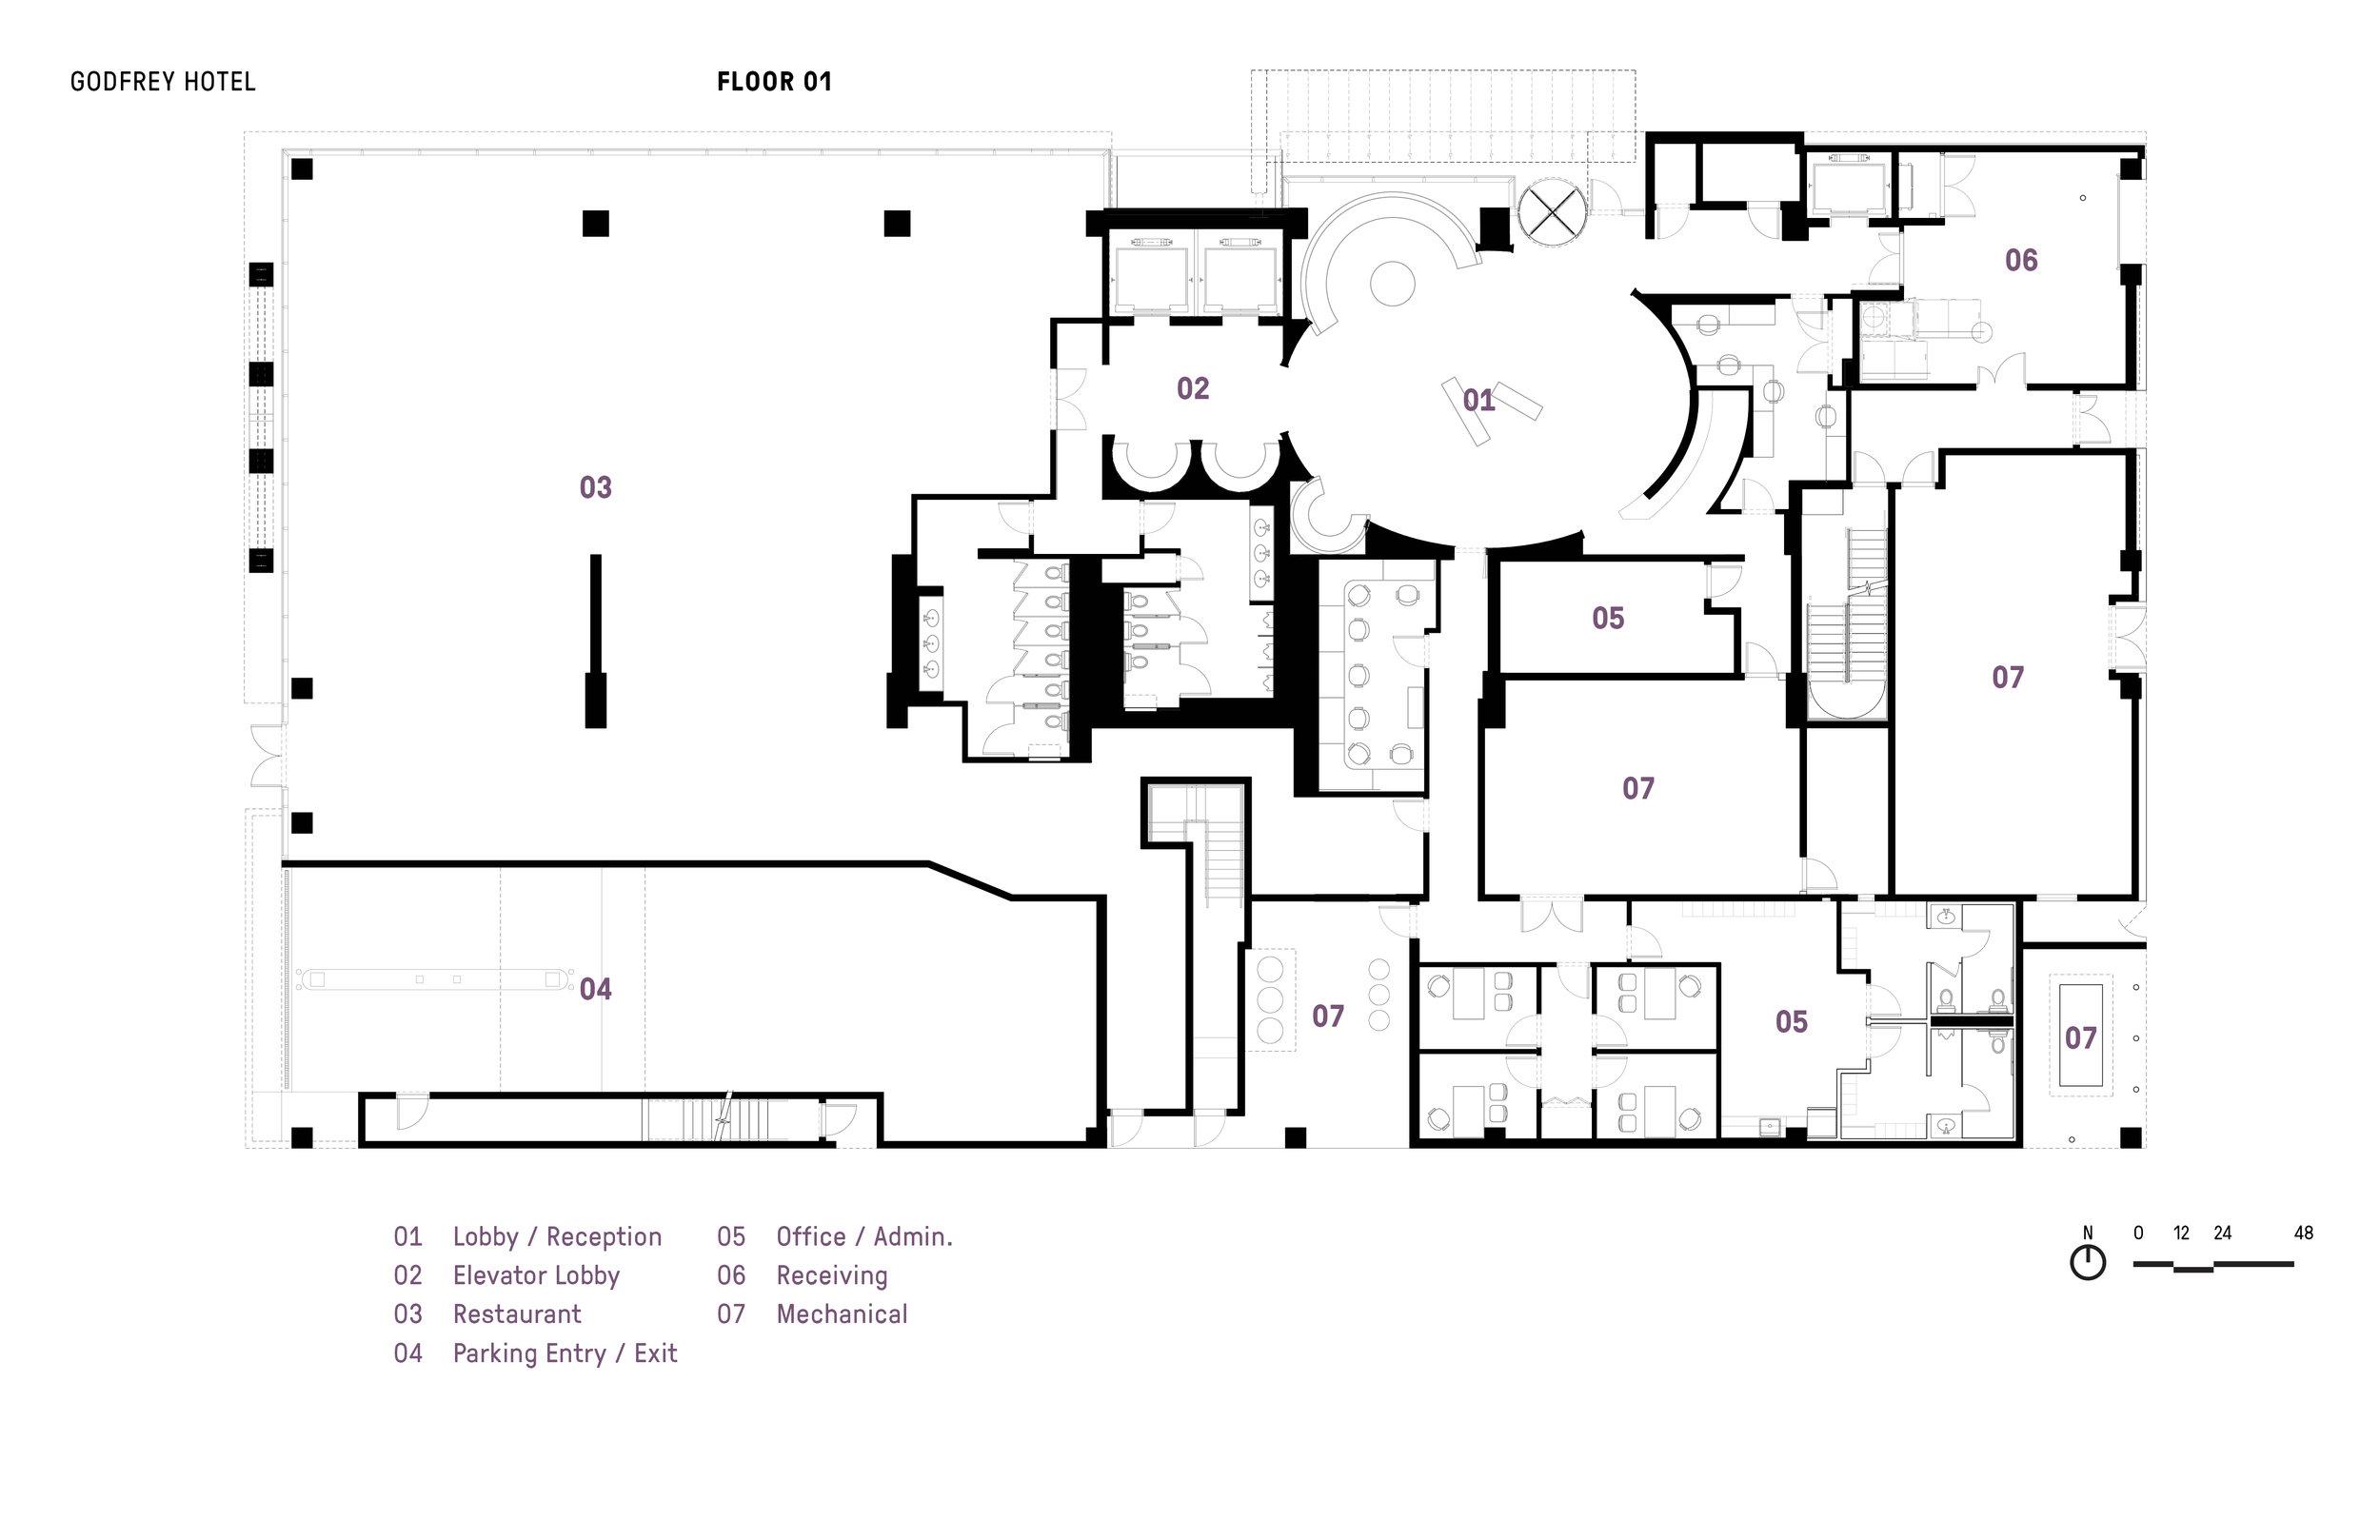 Godfrey_Hotel_plans-elevations13.jpg